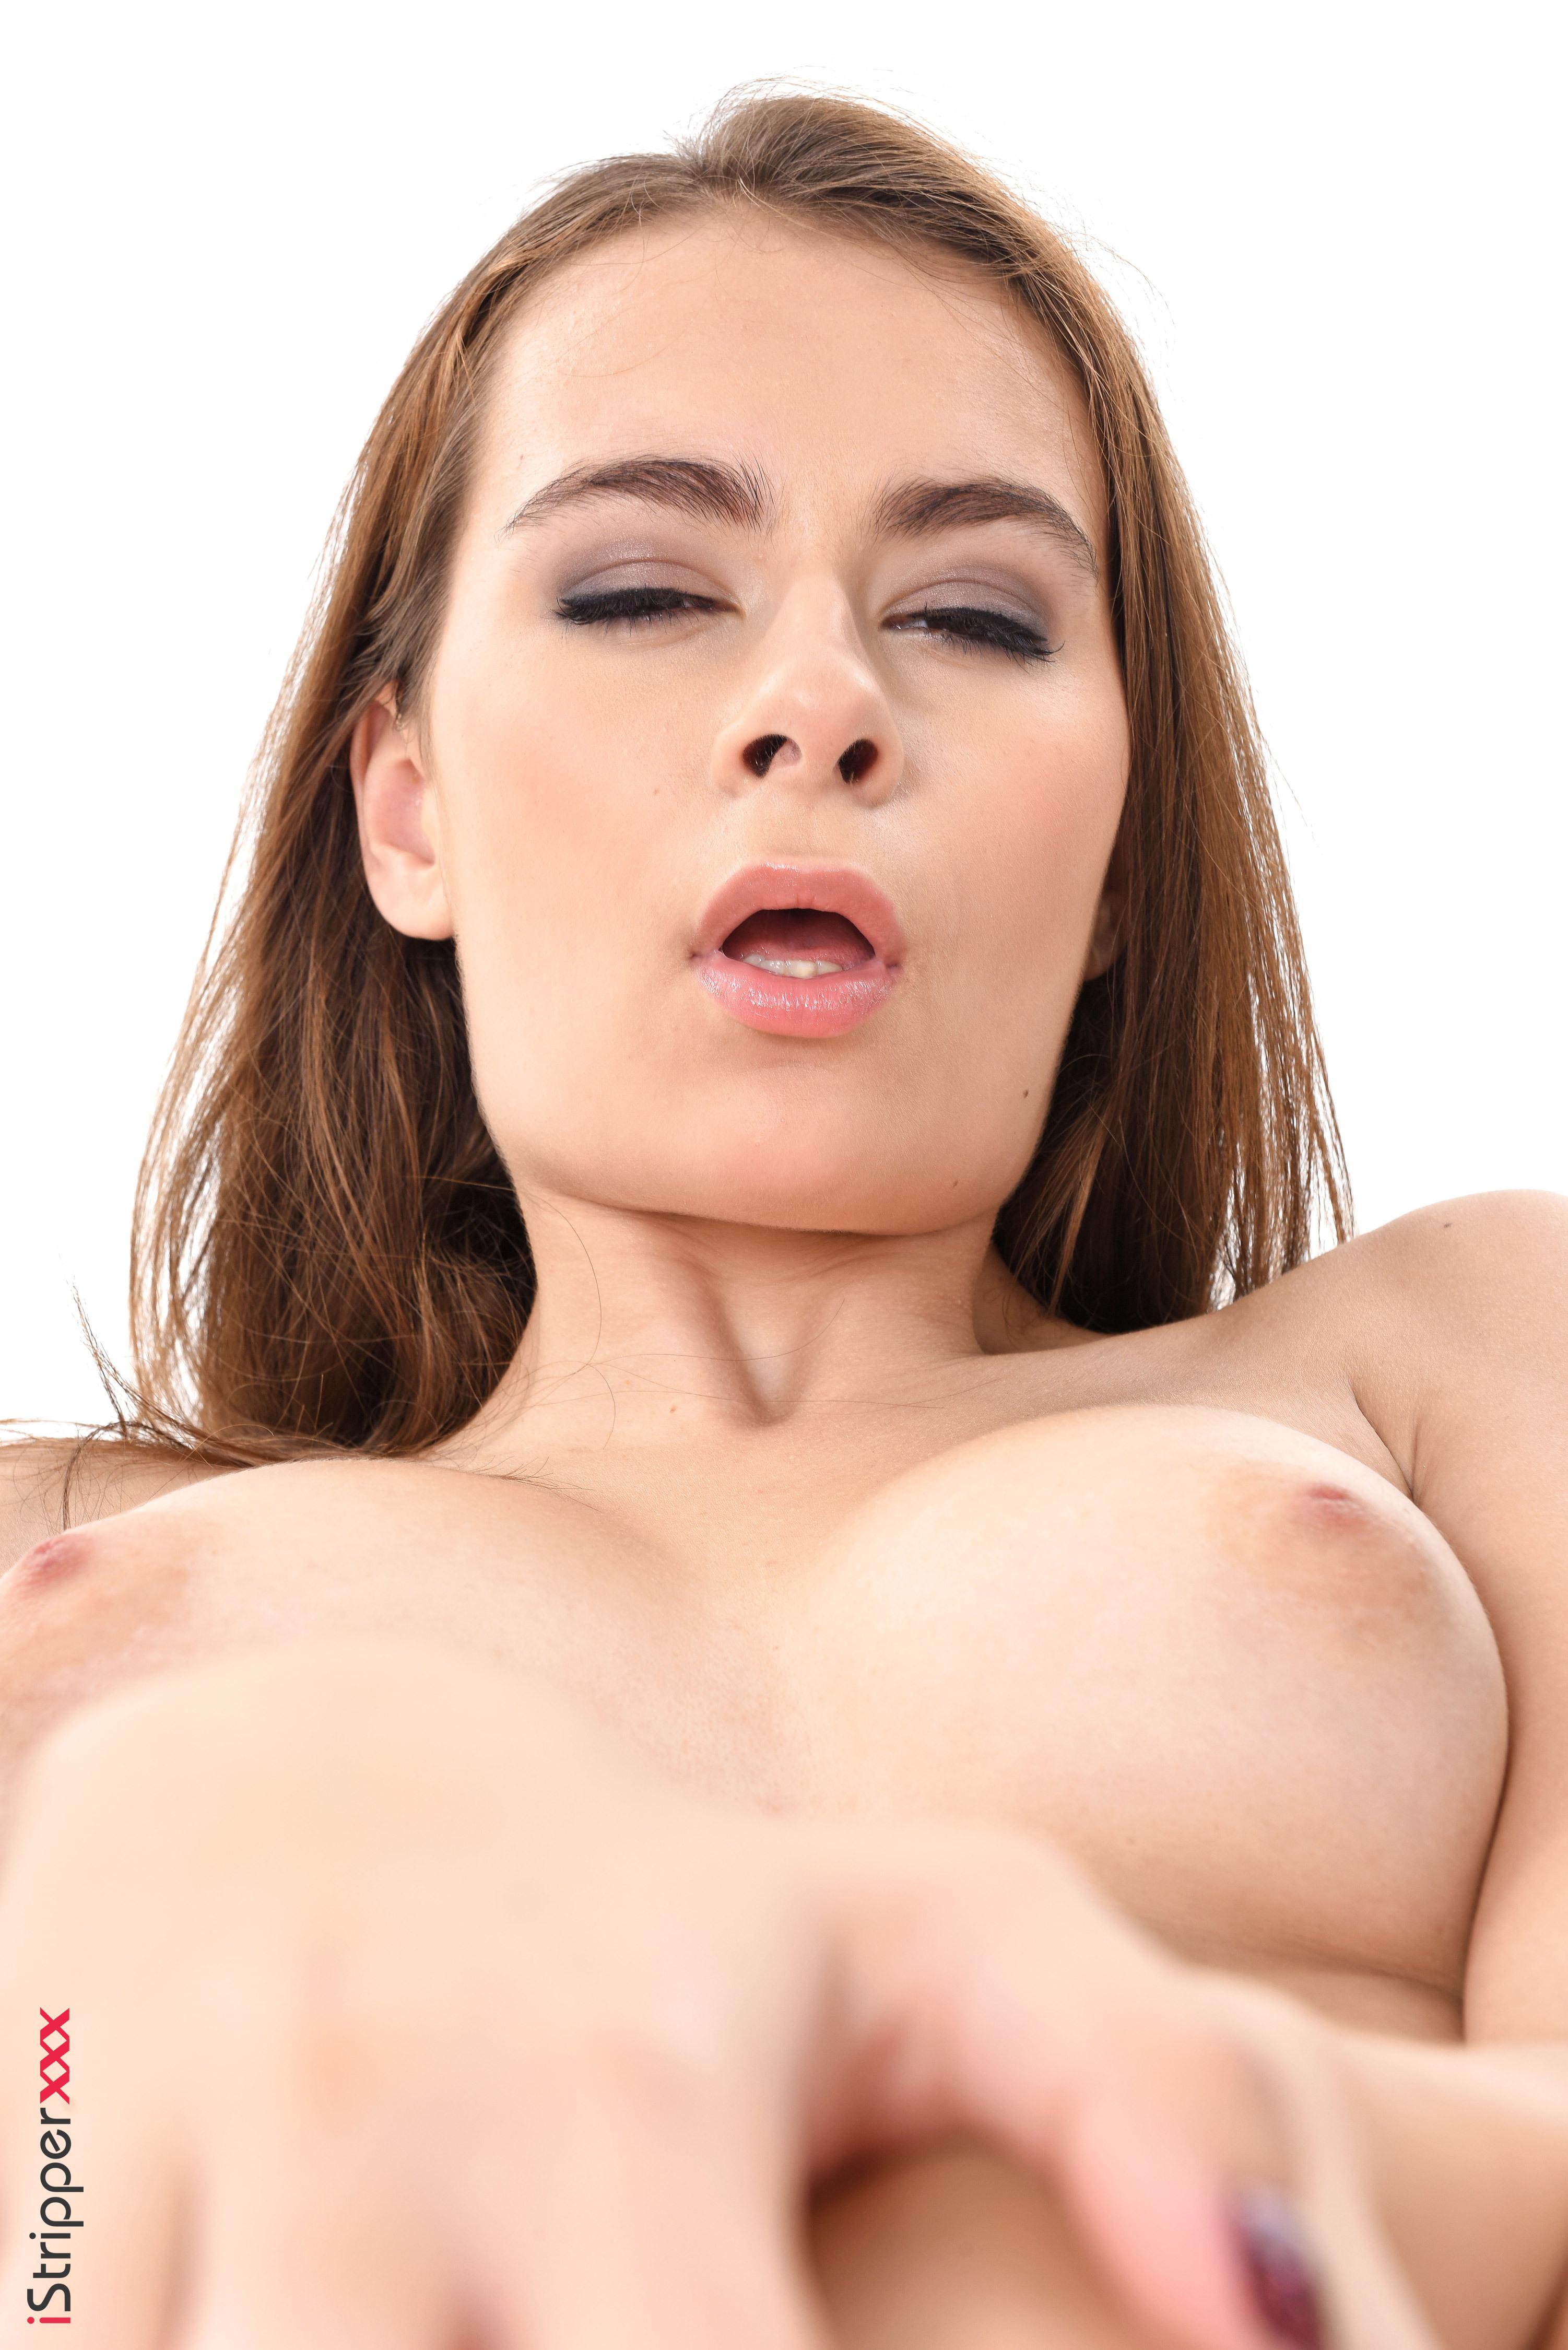 hot womens wallpaper